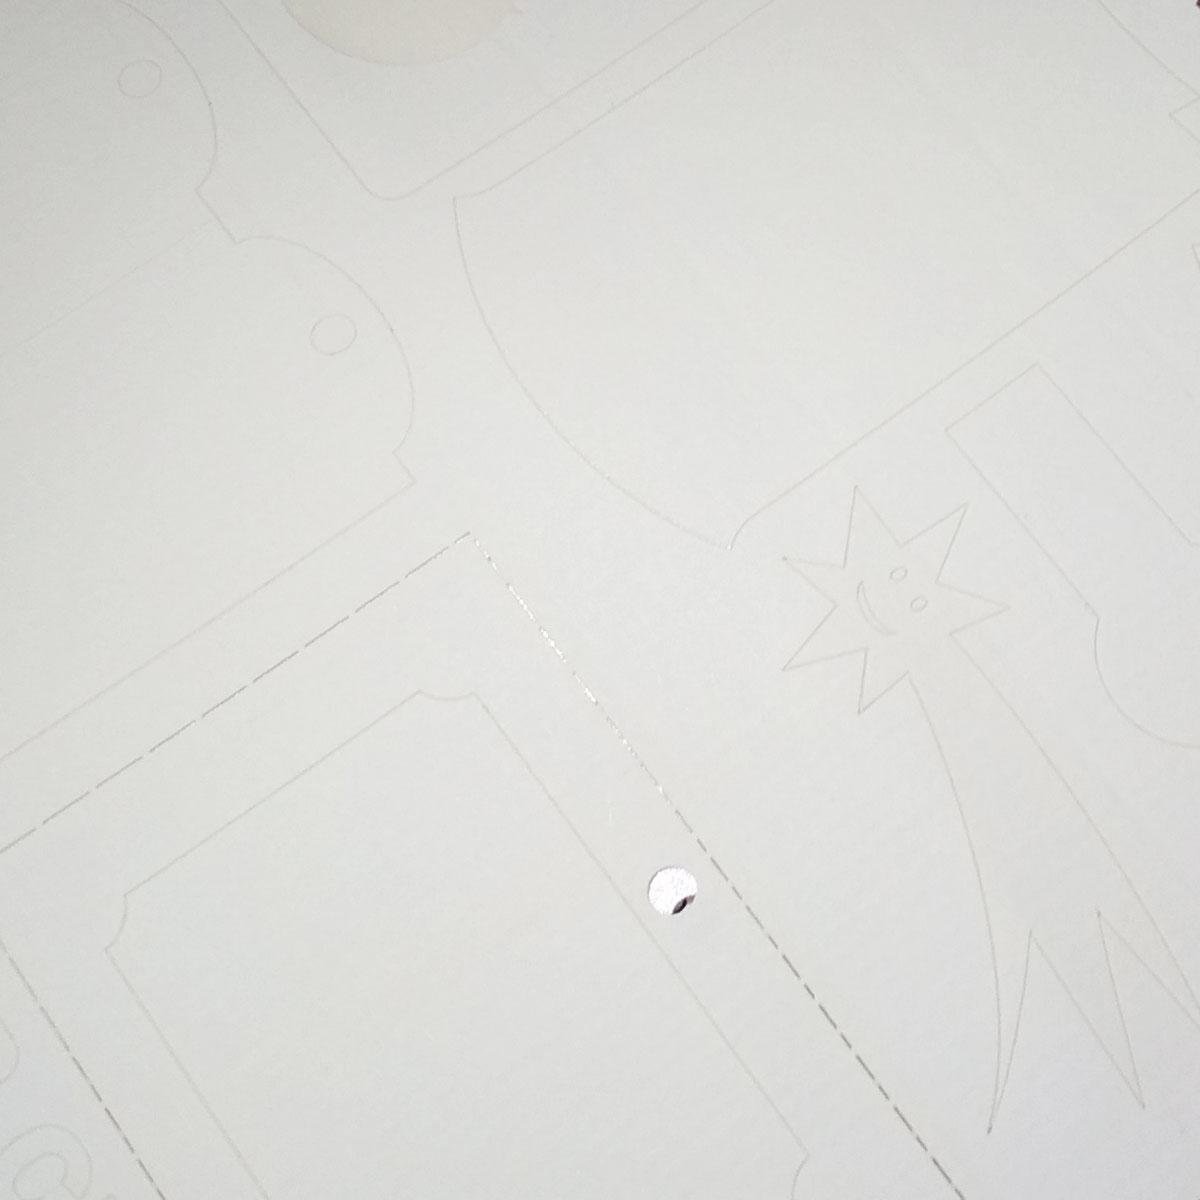 Ozdobny samoprzylepny papier żeberkowy do drukarek laserowych i kopiarek